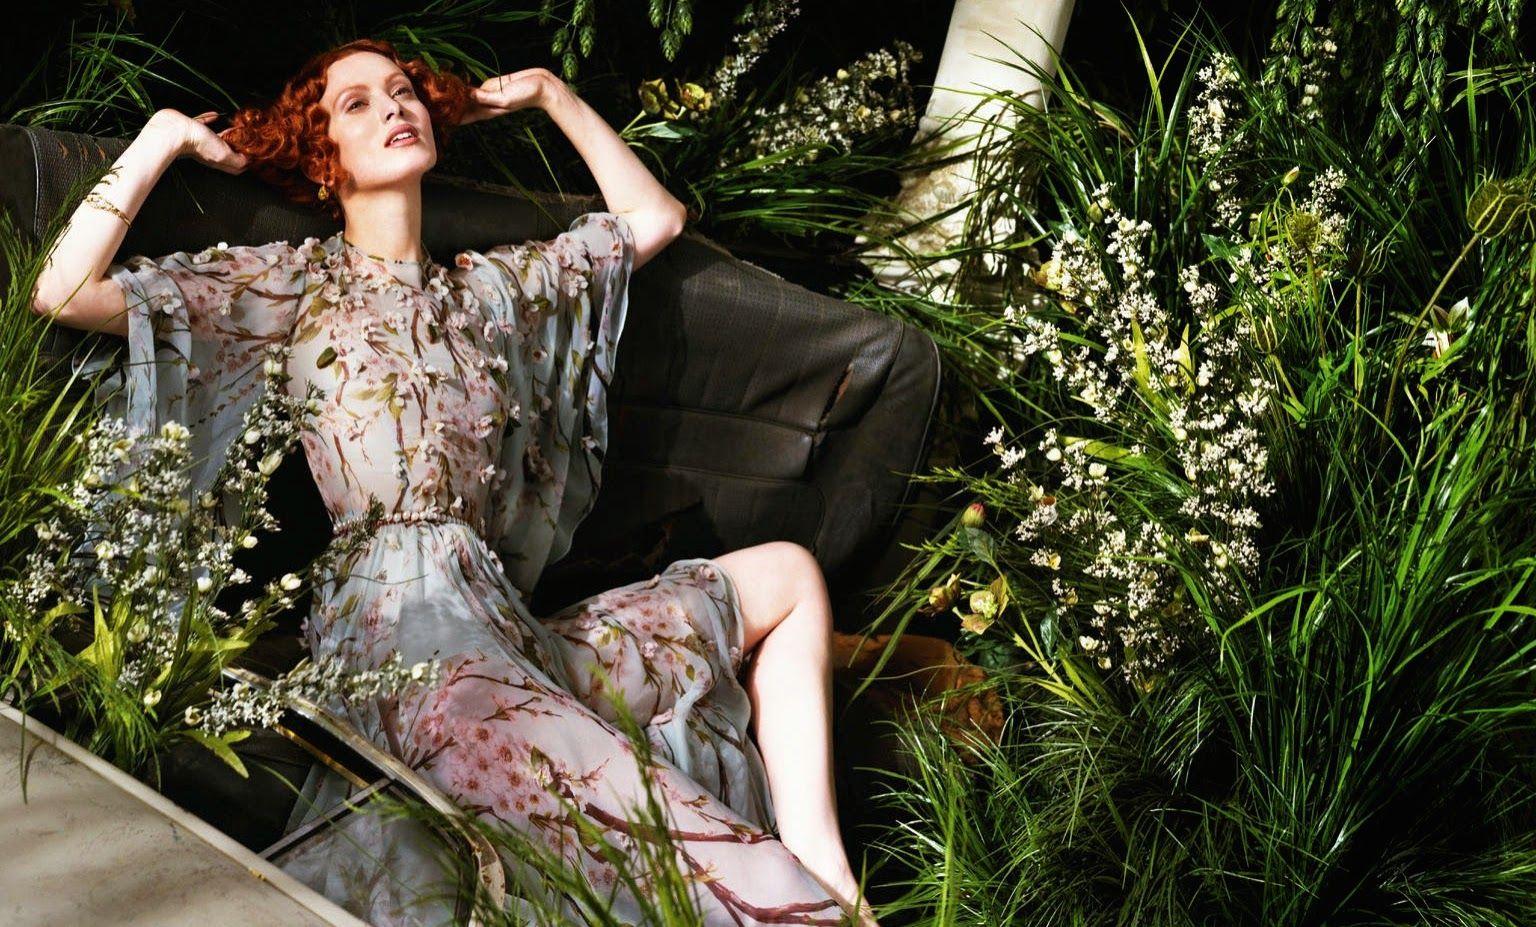 Karen Elson - Jeff Bark Photoshoot for Porter Magazine #2, Summer 2014